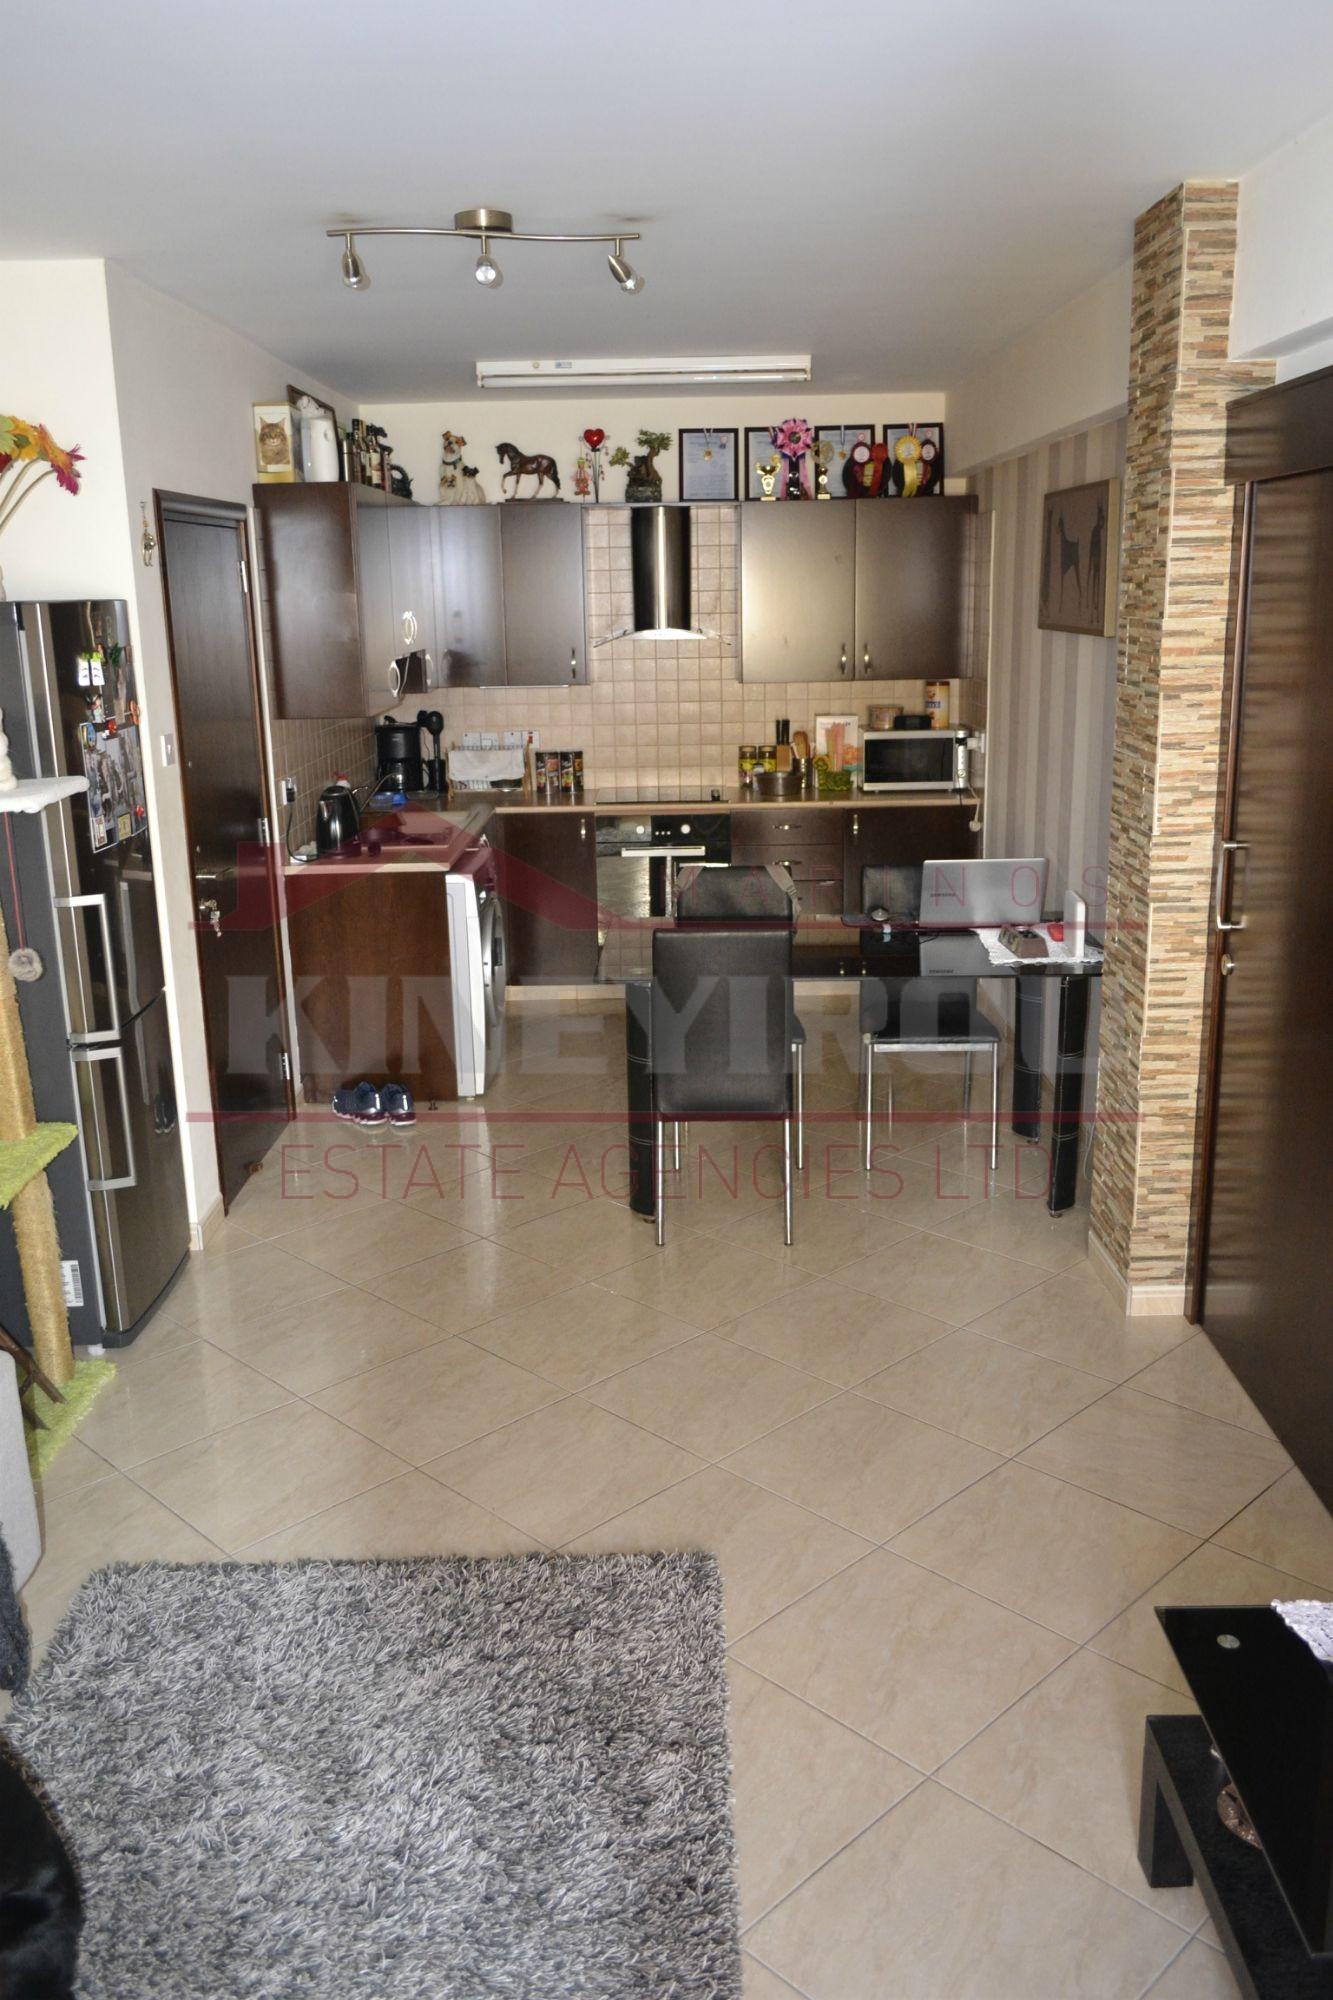 Property in Larnaca , Apartment in Kiti